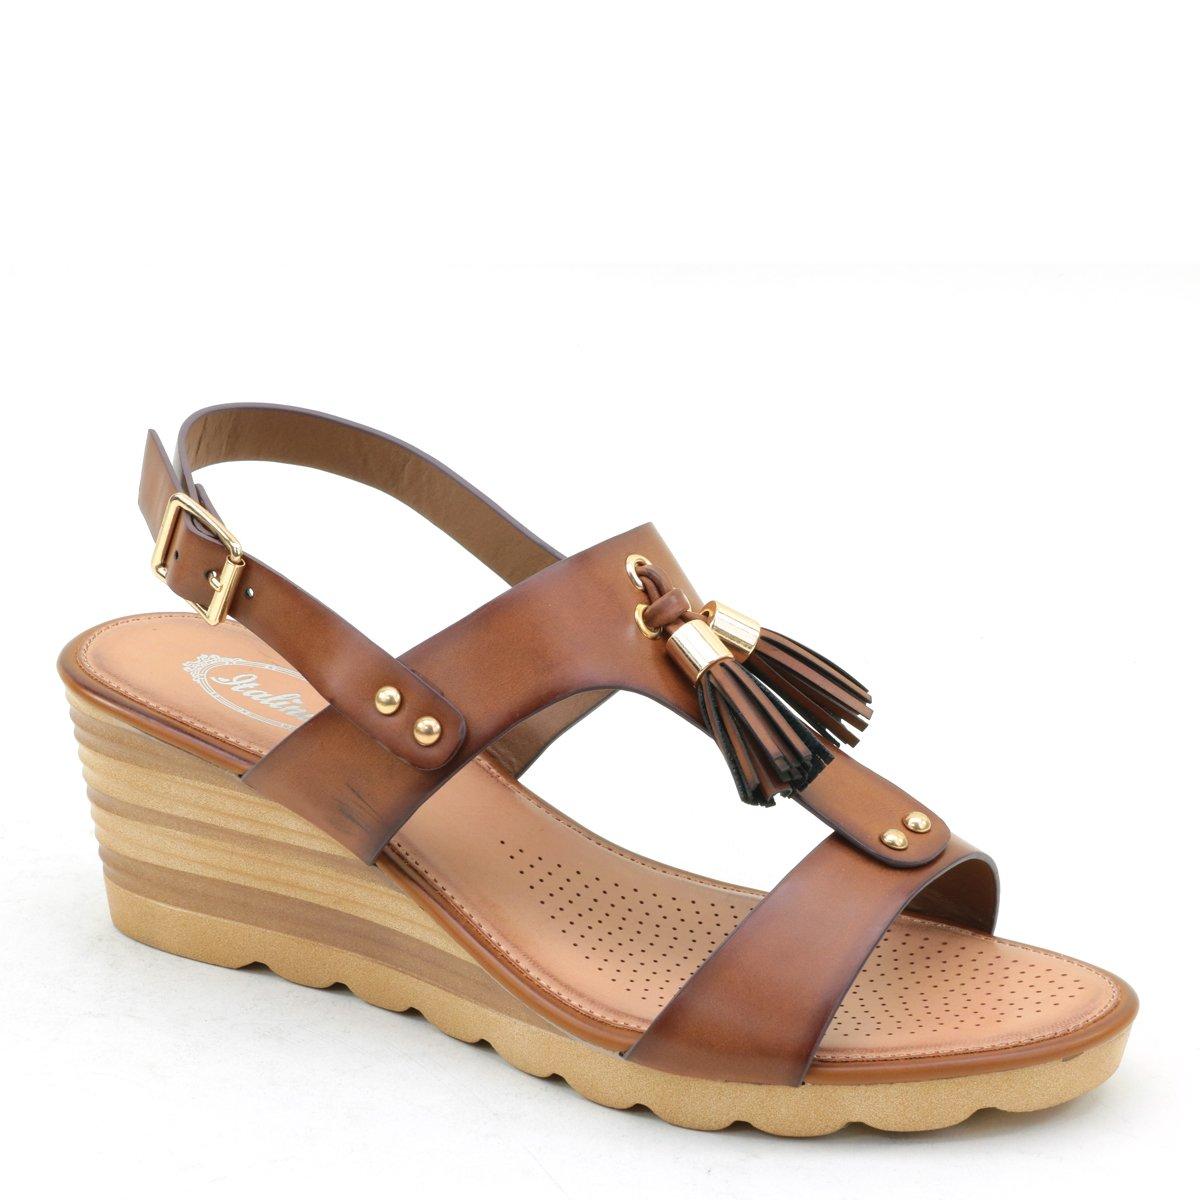 Brieten New Women's Tassels Wedge Comfort Sandals B07DK5865B 10 B(M) US|Brown